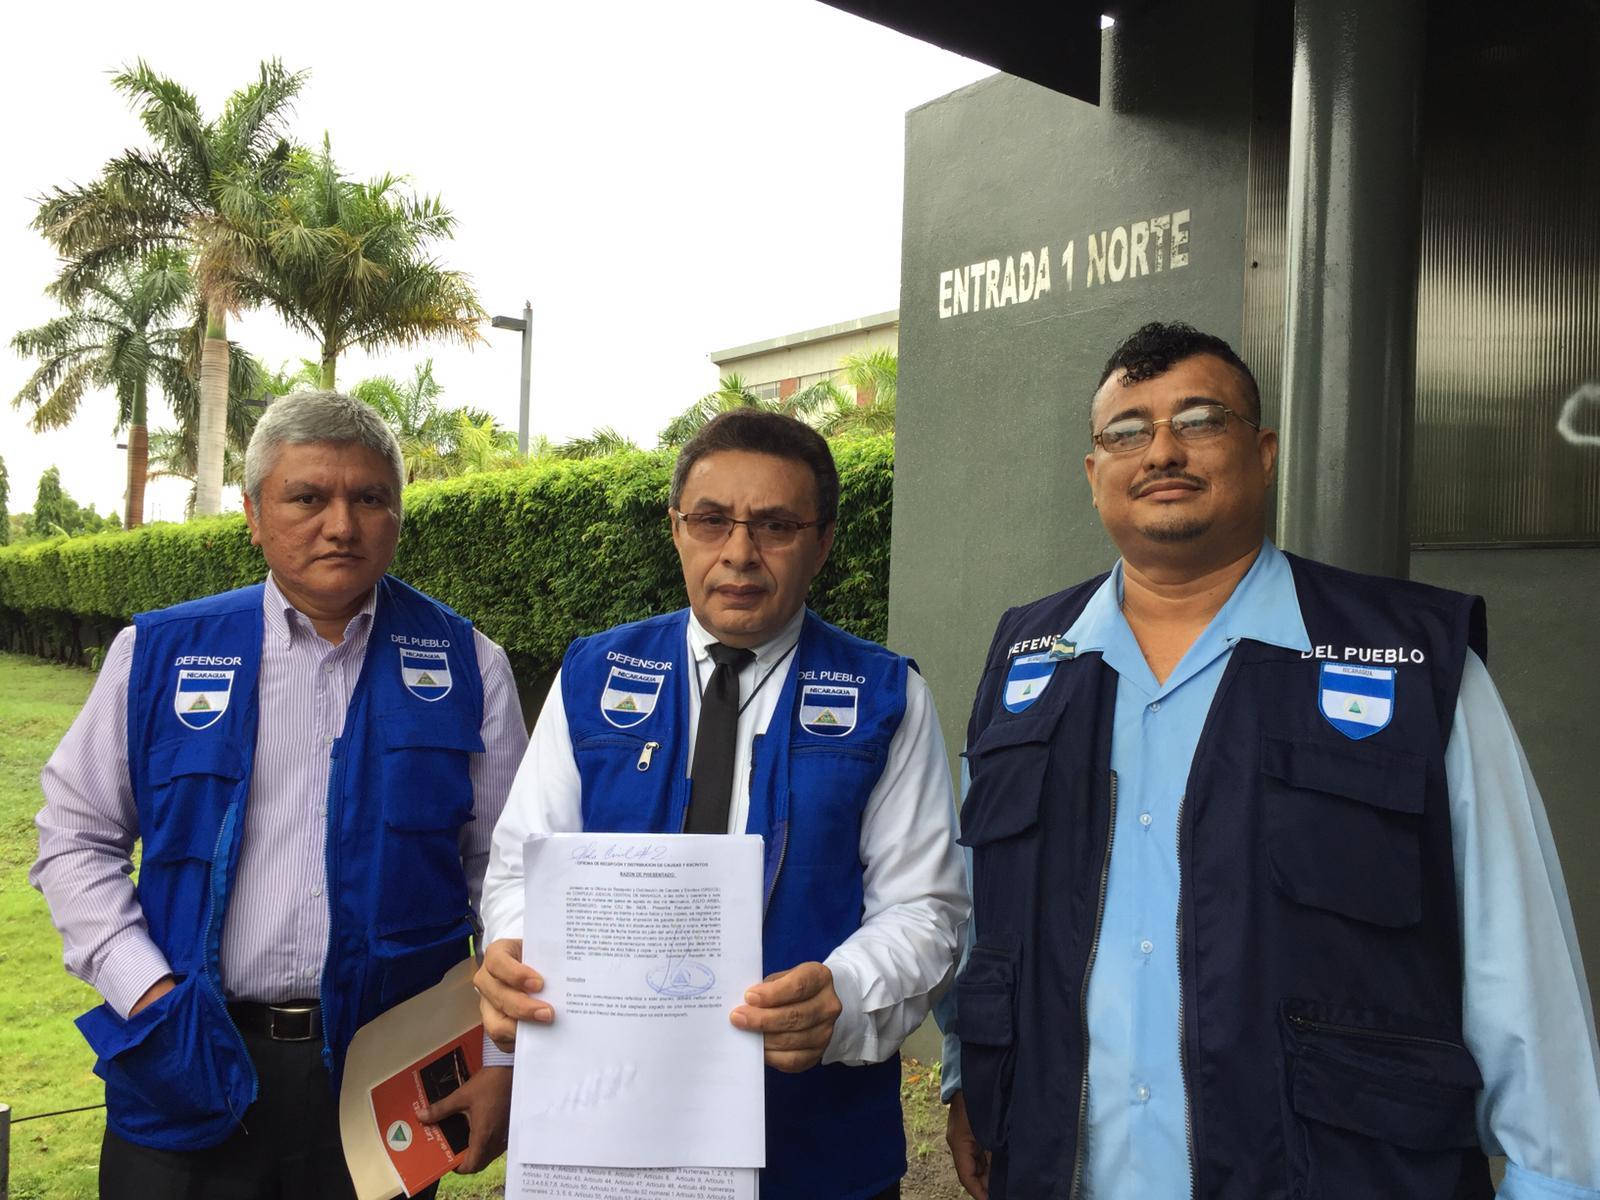 Abogados piden anular la ciudadanía otorgada al expresidente salvadoreño Mauricio Funes. Foto: Cortesía